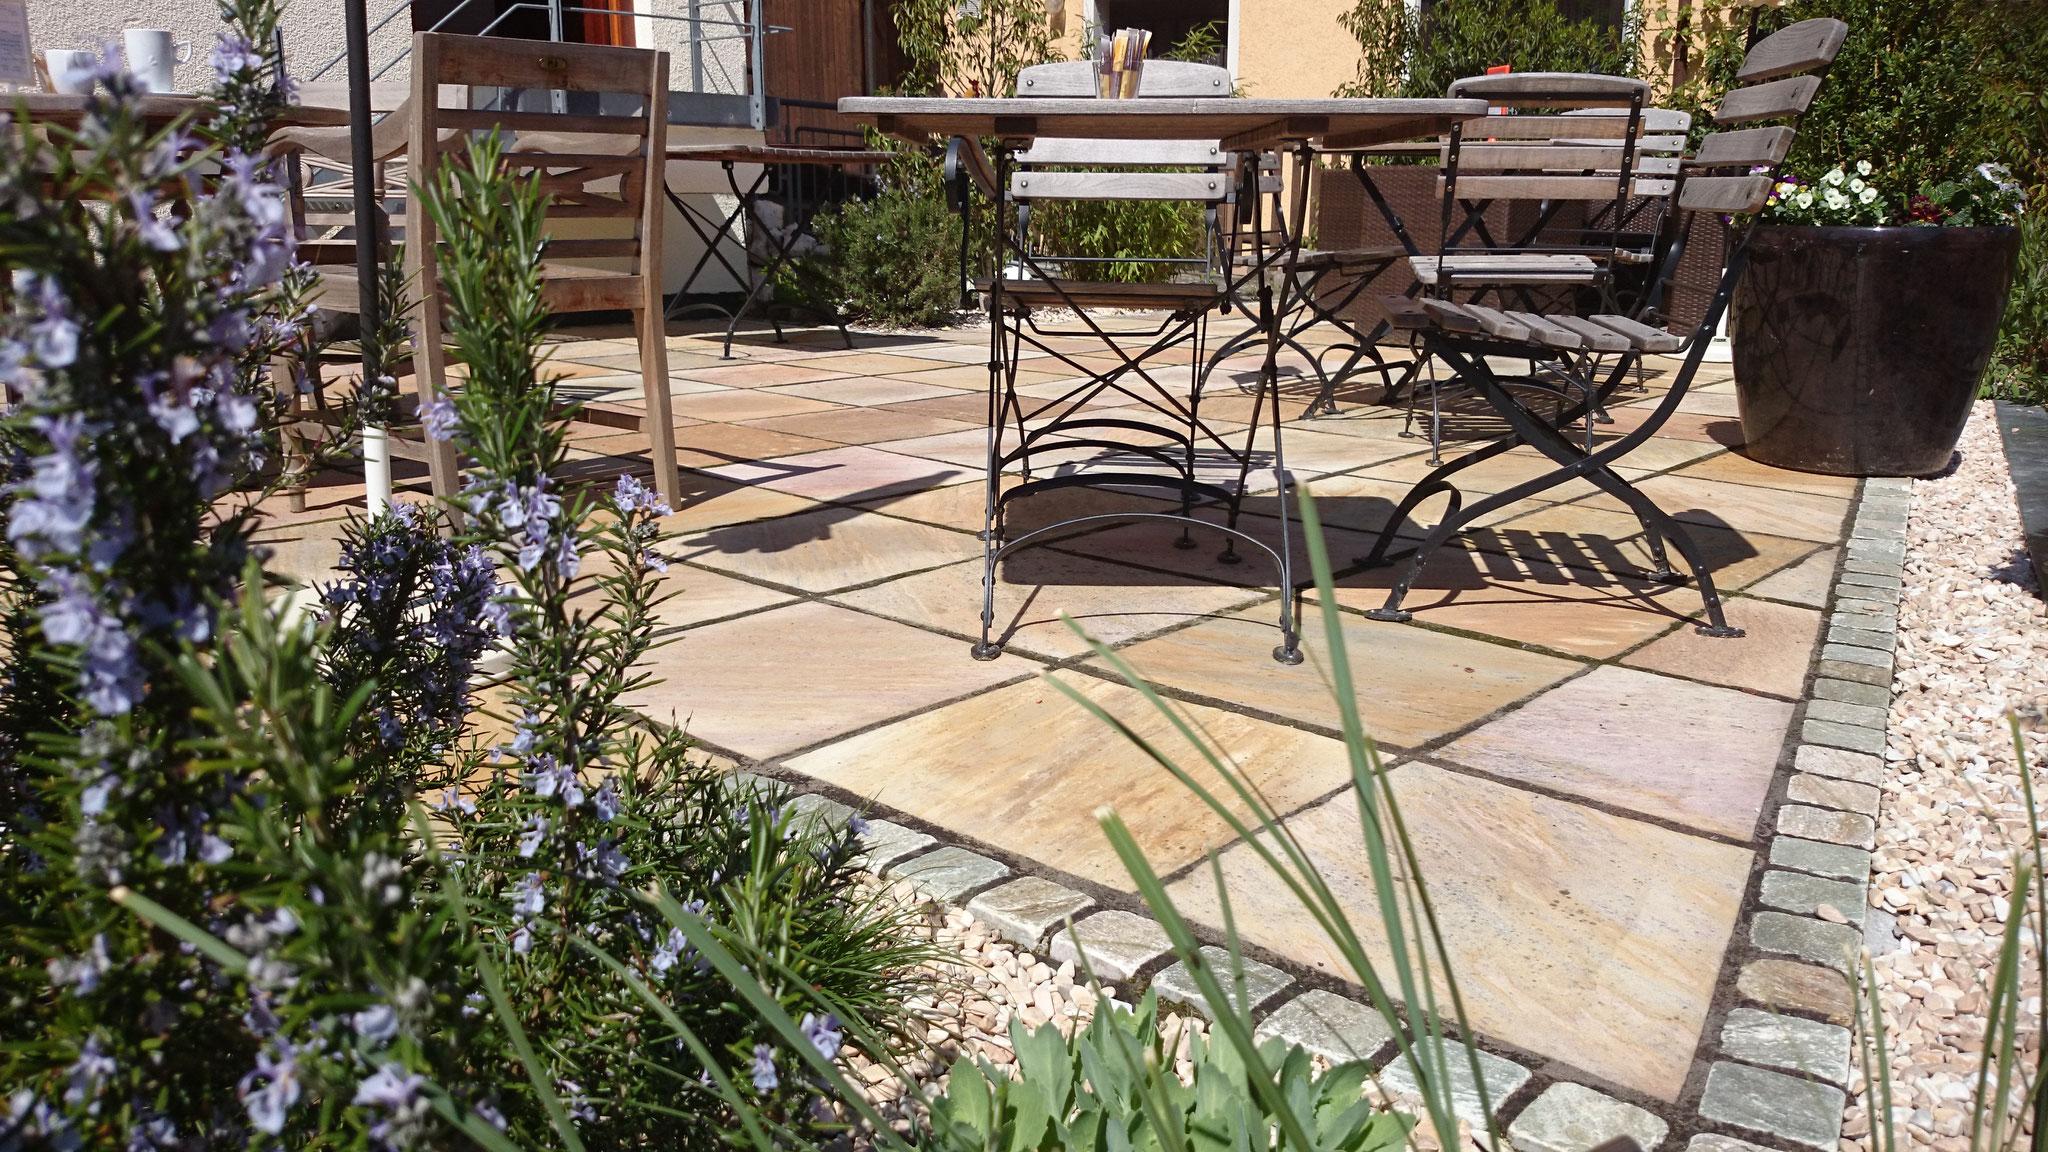 Gartencafé mit mediterranem Flair aus Quarzit-Platten, Zierkies und Kräutern